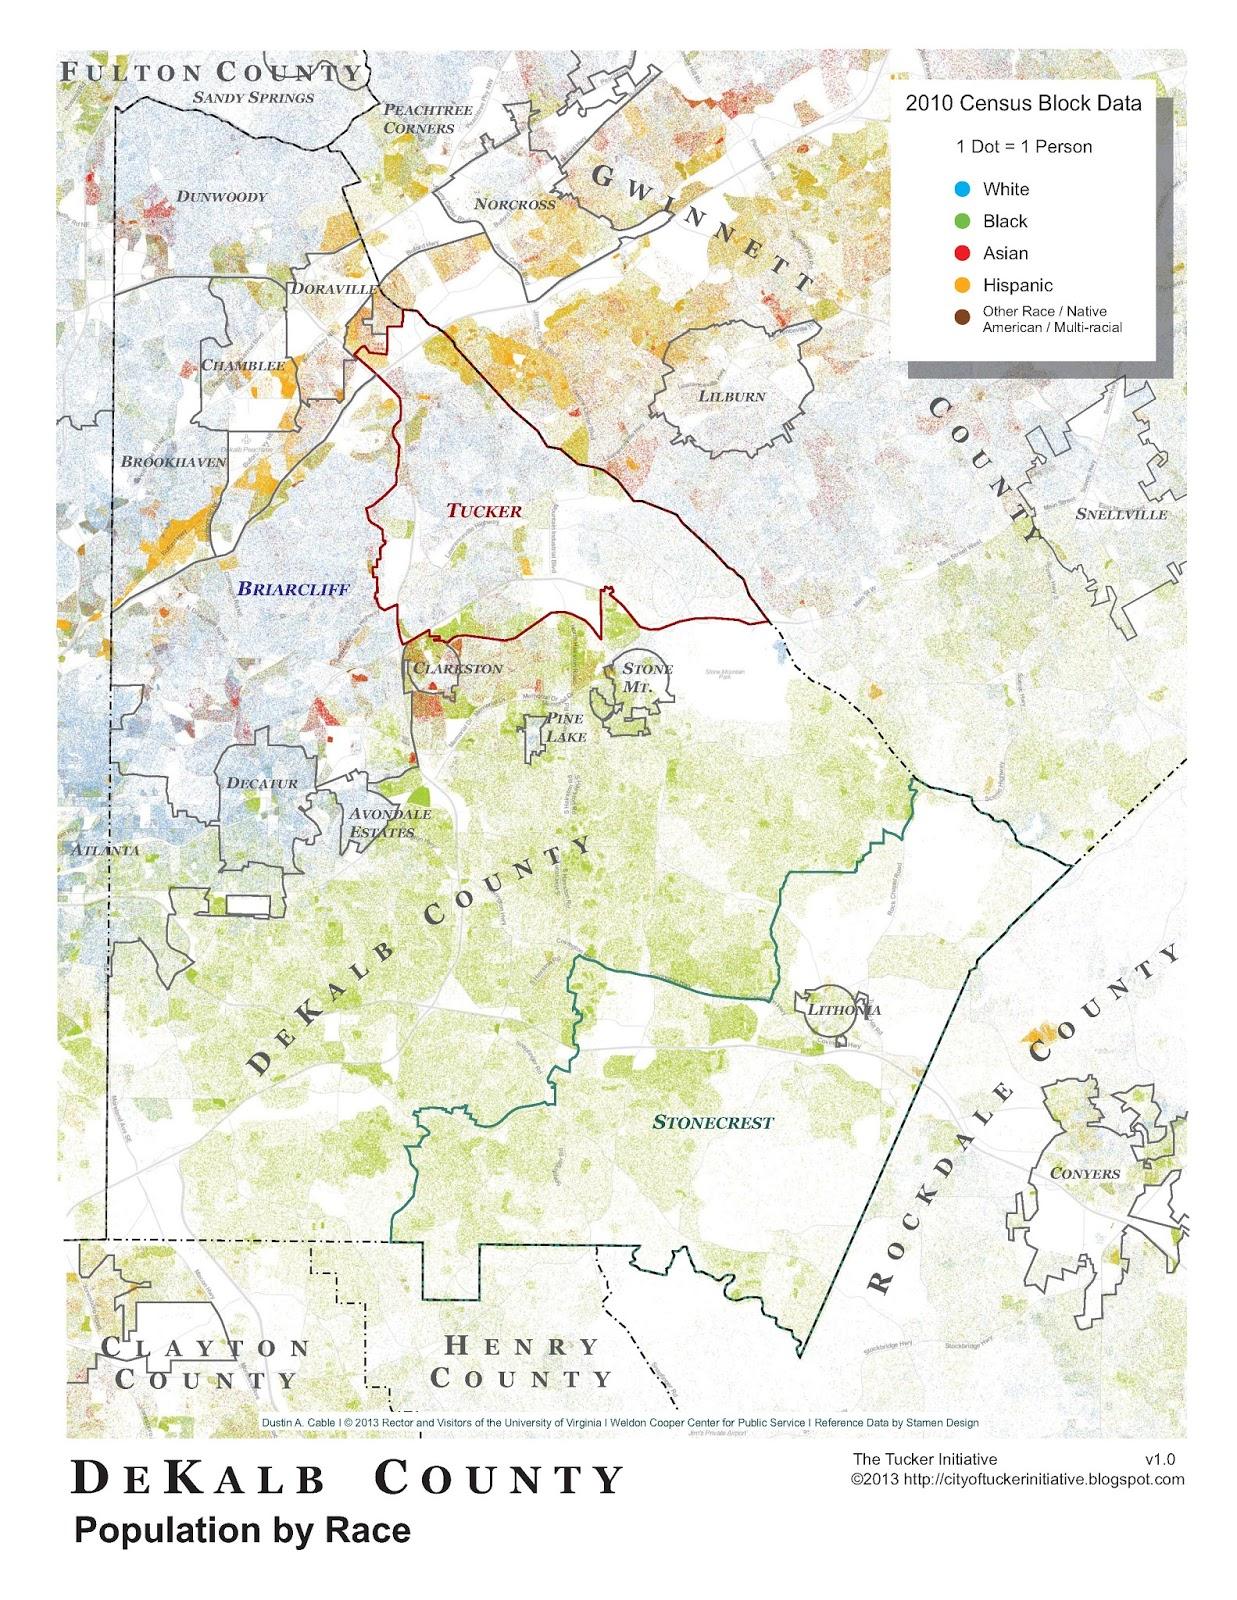 dekalb county population by race